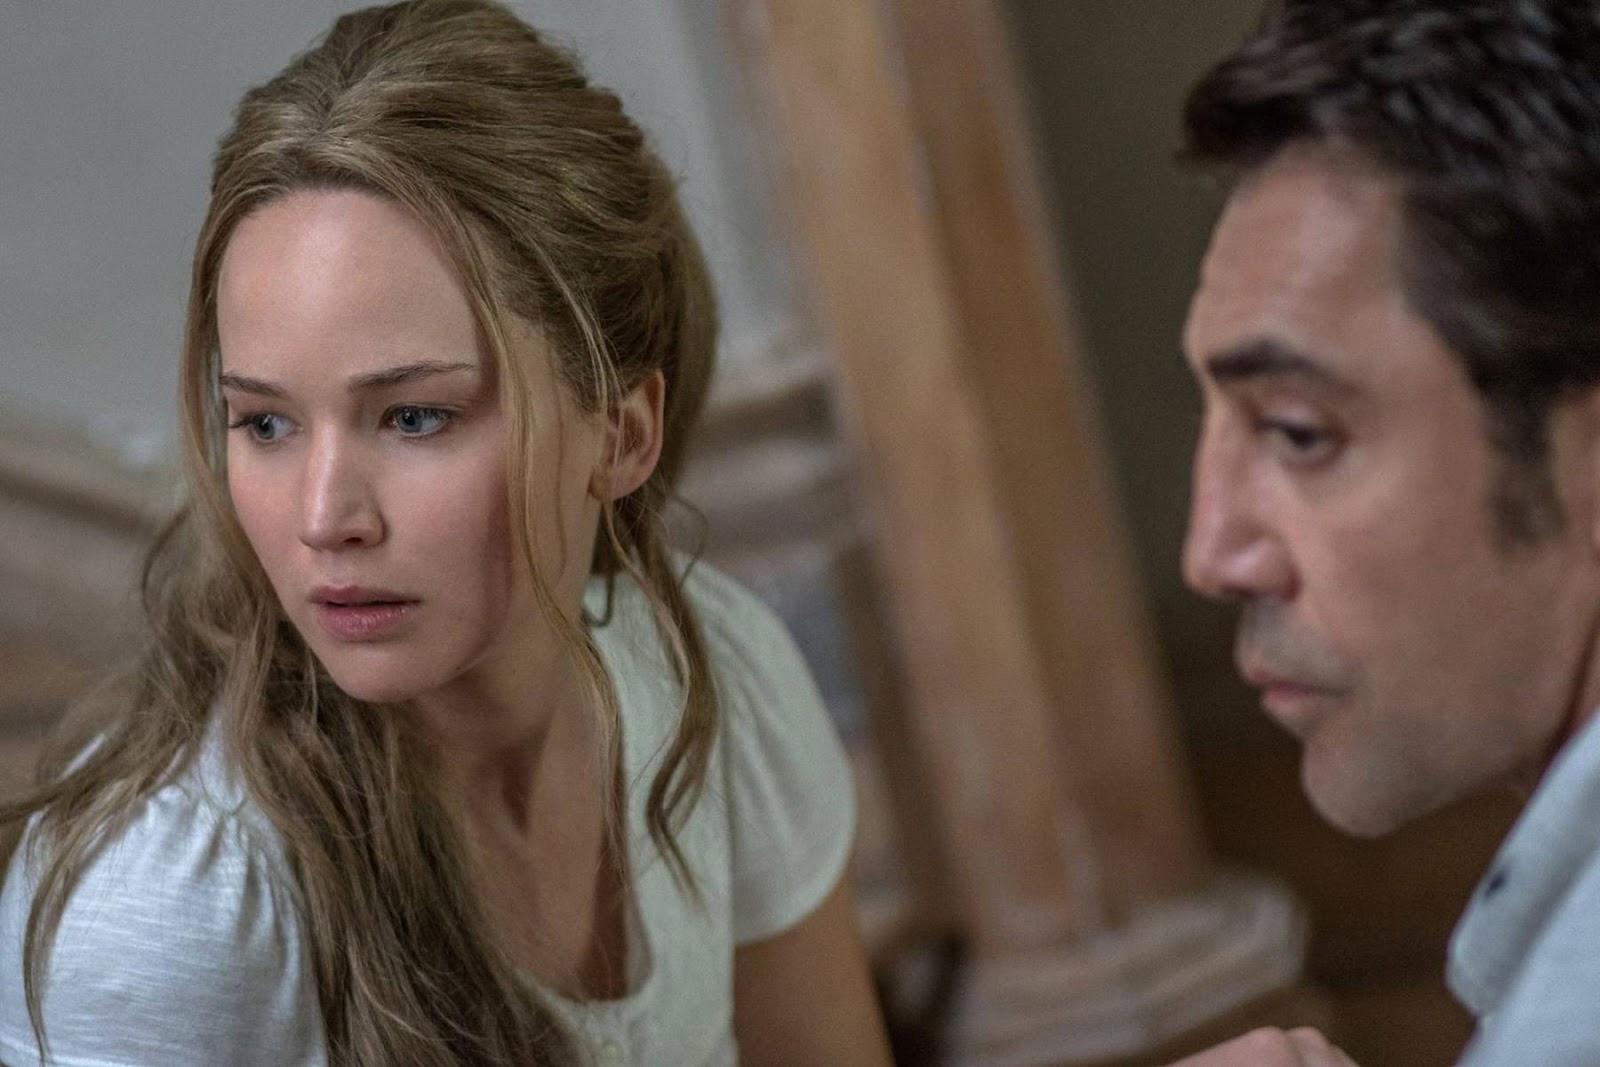 MADRE! - la pelicula de Darren Aronofsky - Jennifer Lawrence y Javier Bardem.